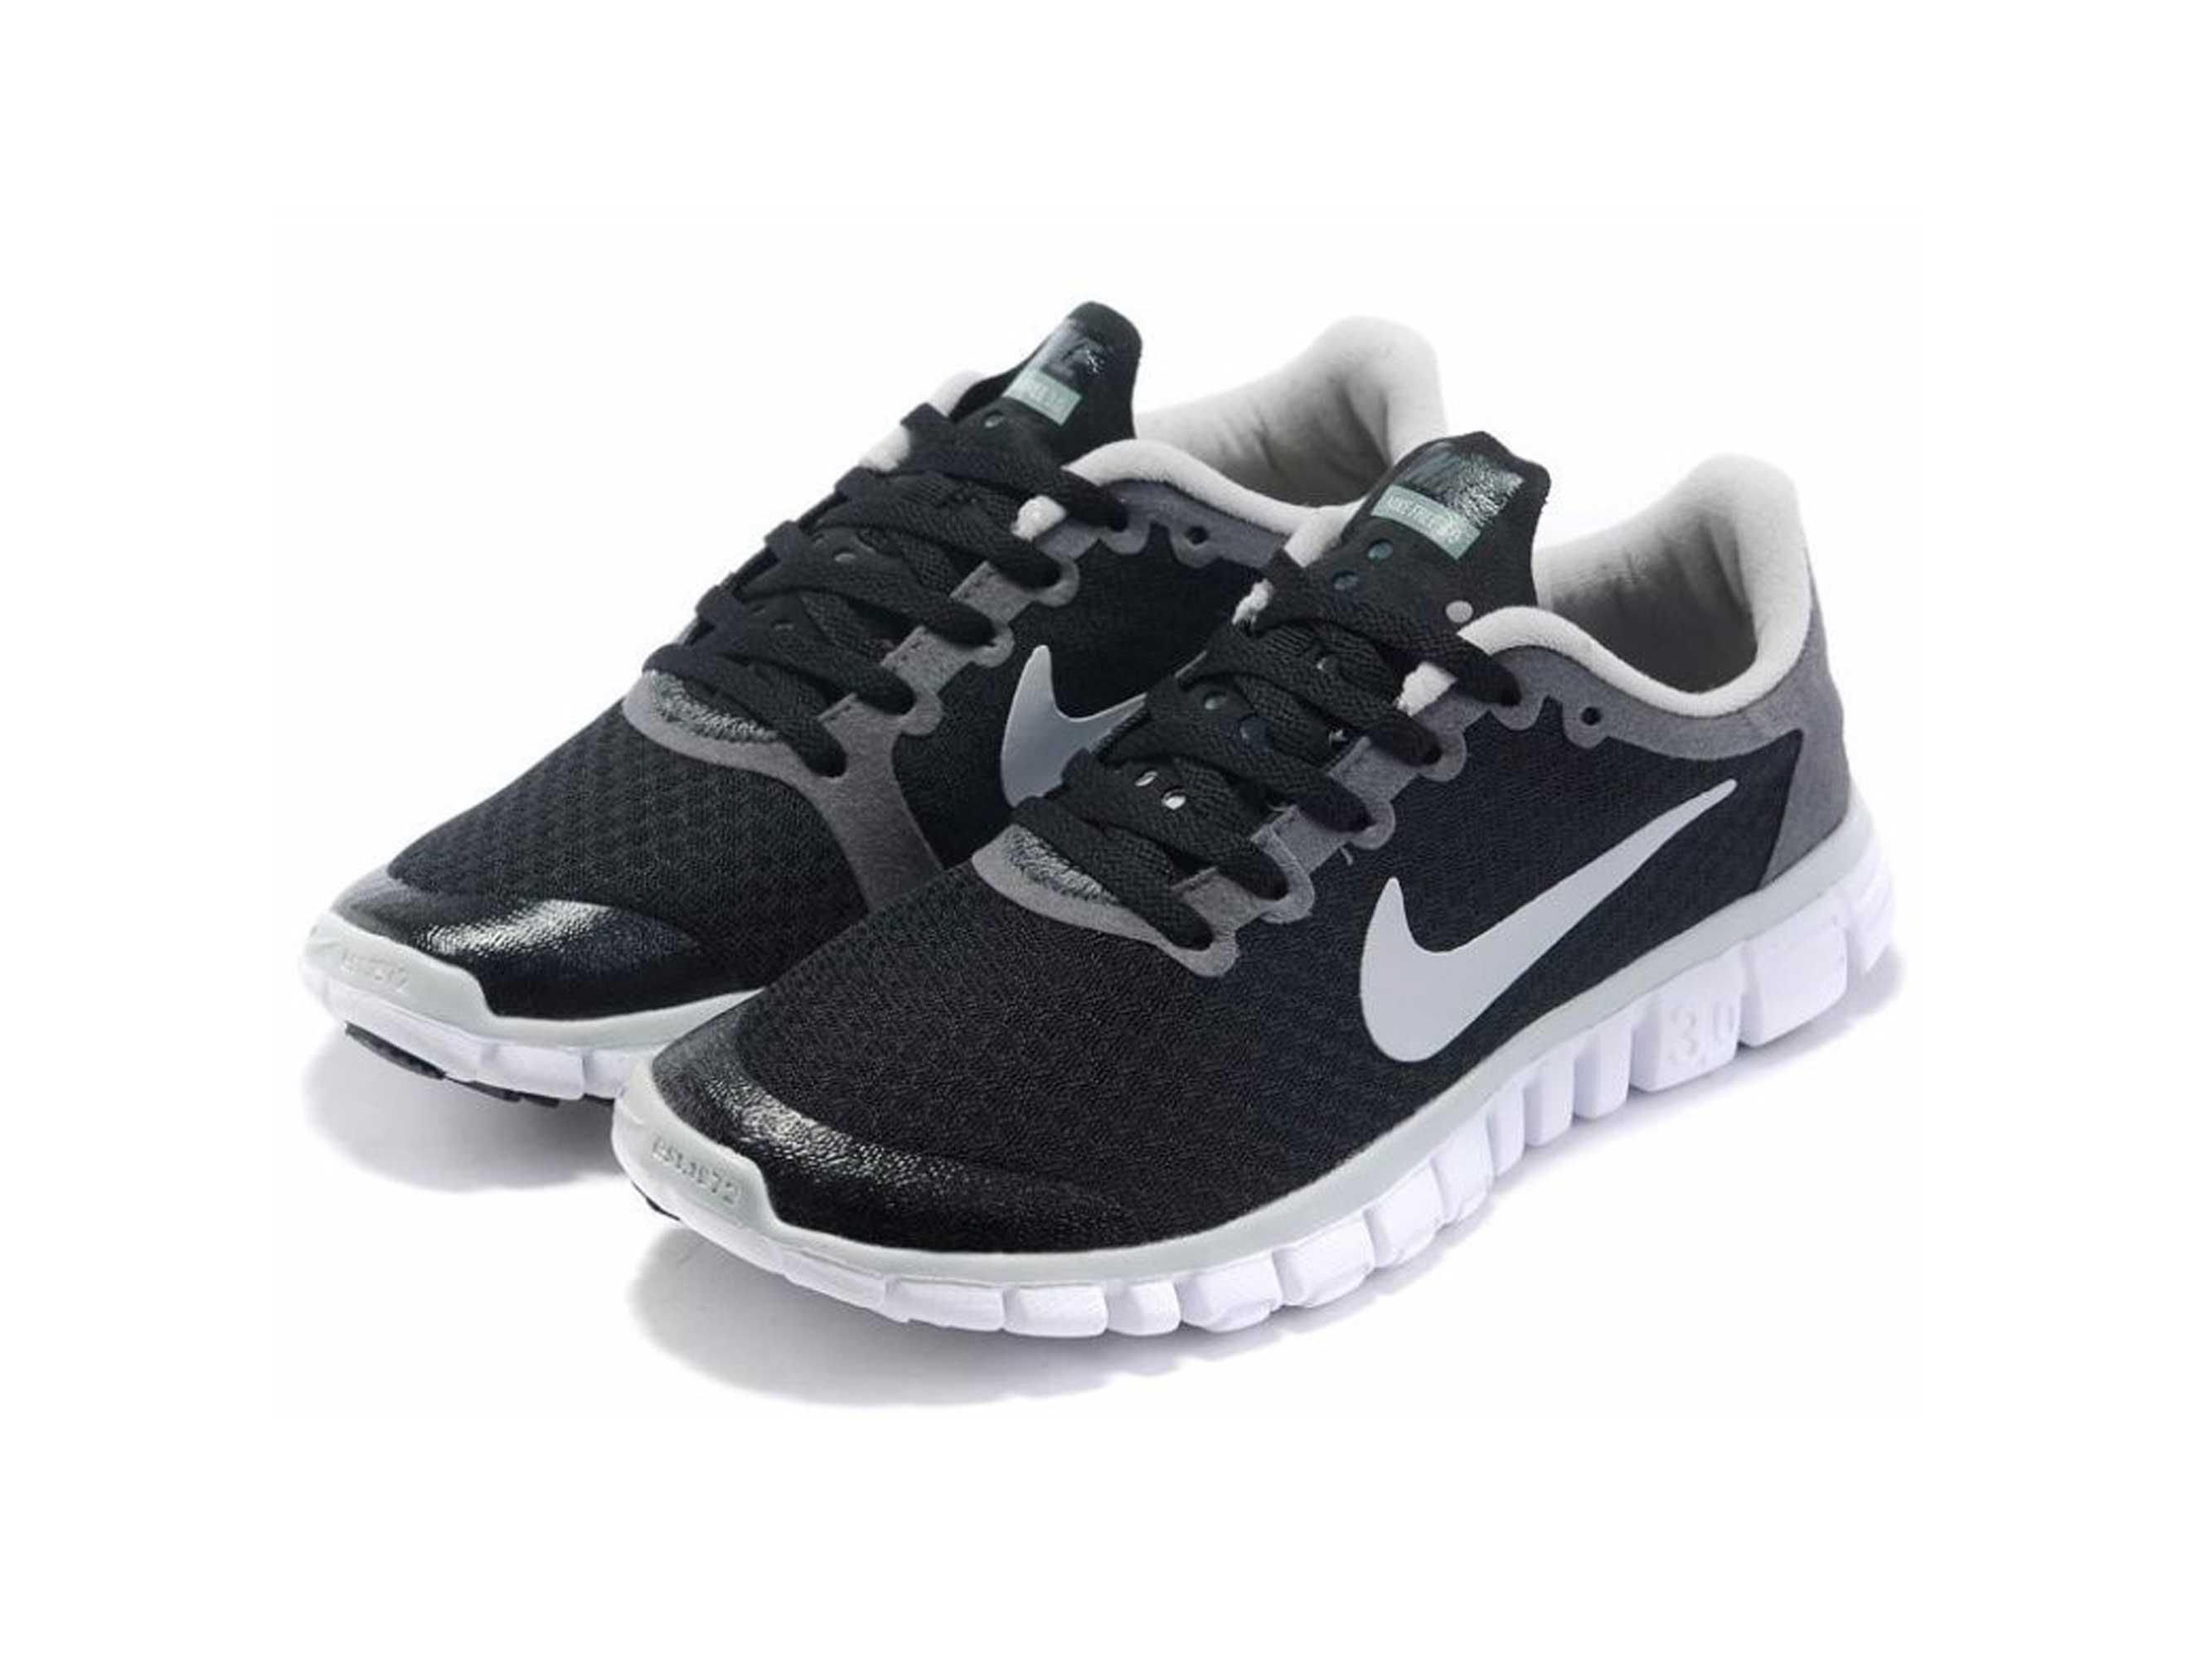 nike free 3.0.2 mens running shoes black grey 354574_001 купить